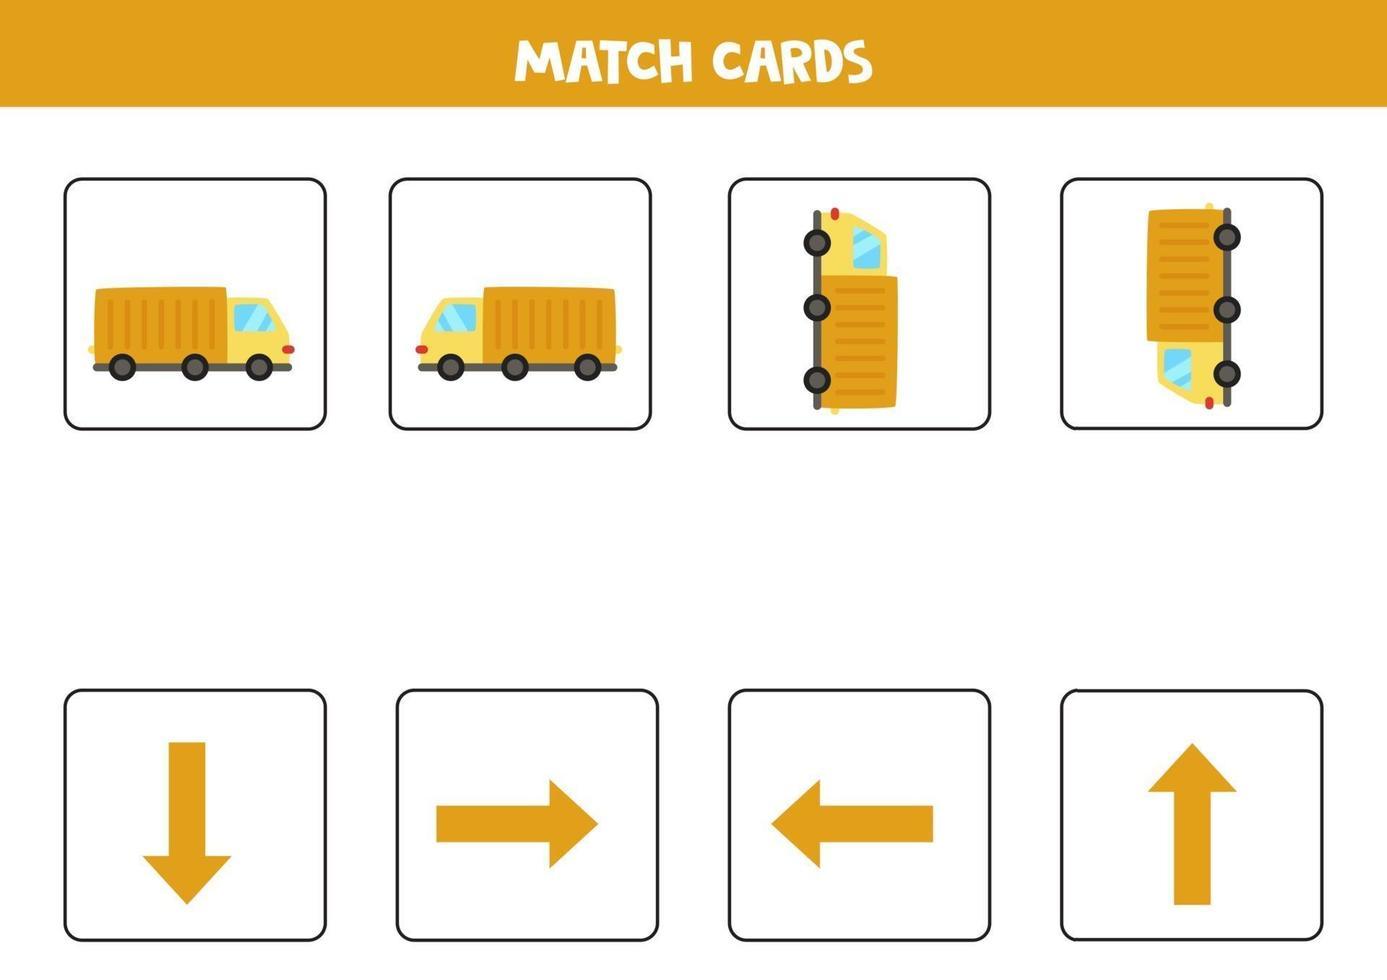 vänster, höger, upp eller ner. rumslig orientering med tecknad lastbil. vektor